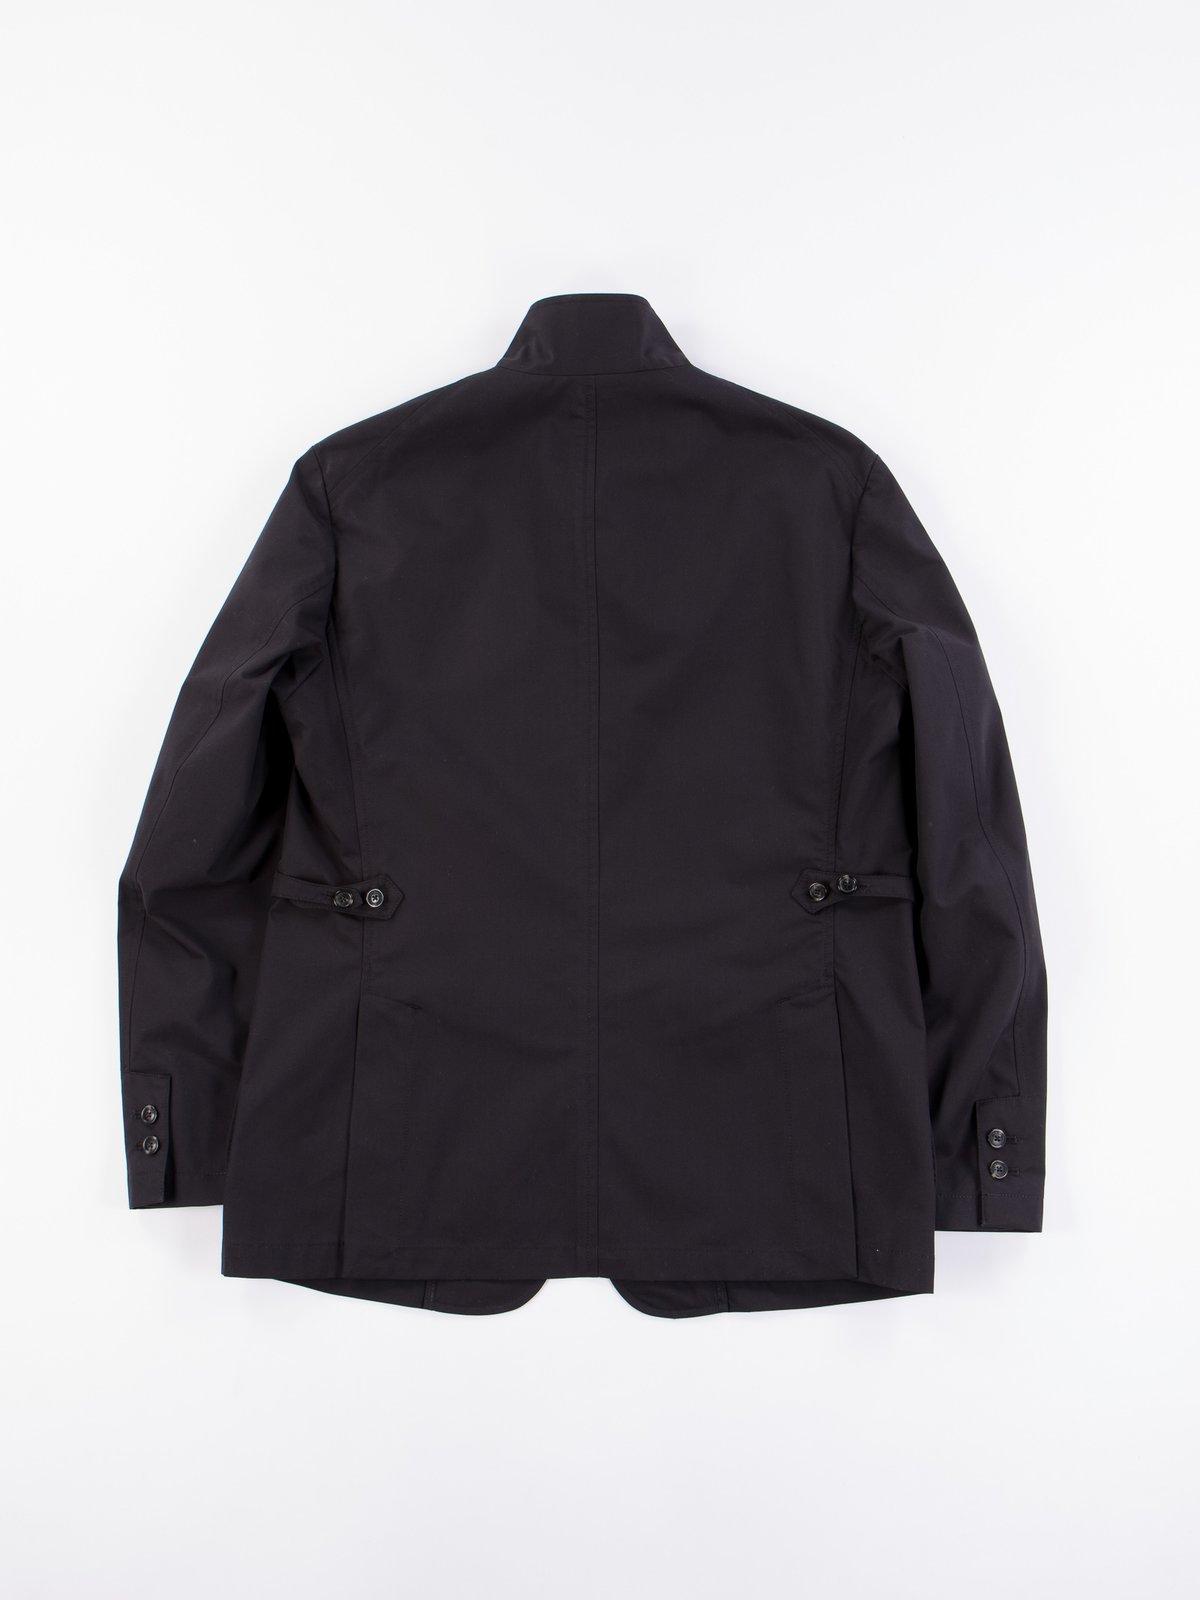 Black Structured EG Blazer - Image 7